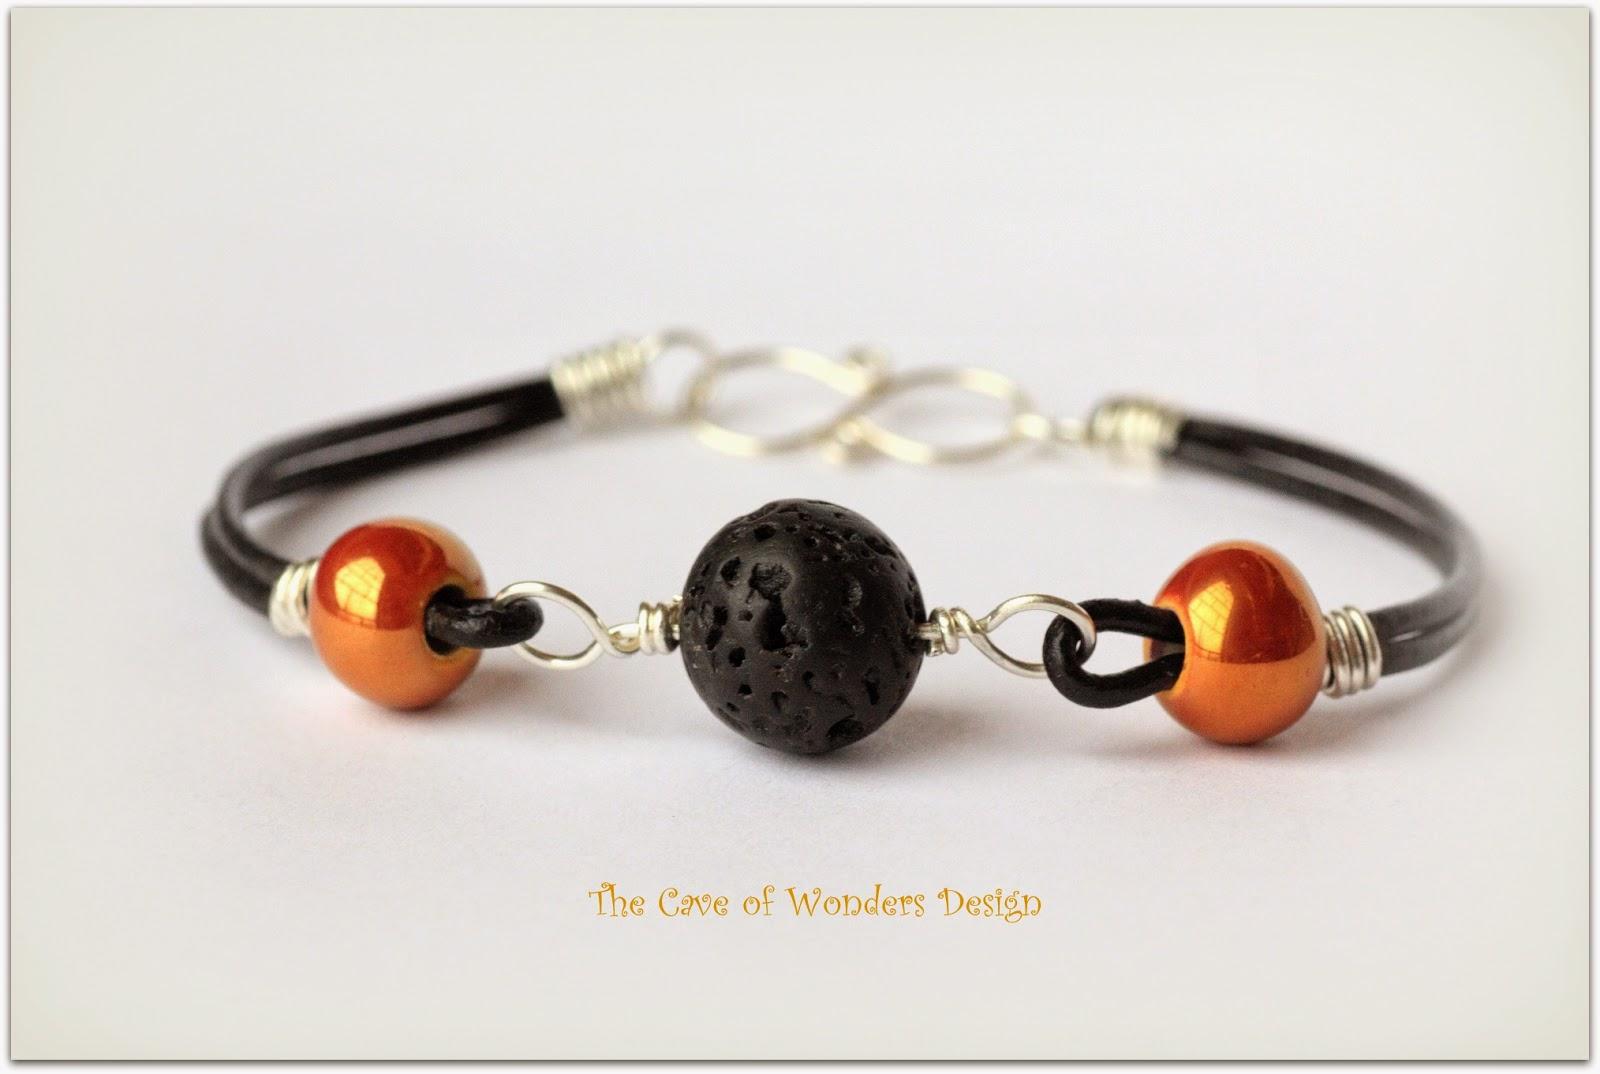 http://it.dawanda.com/product/51821775-Lederarmband-Silber-Lava-Keramik-unisex